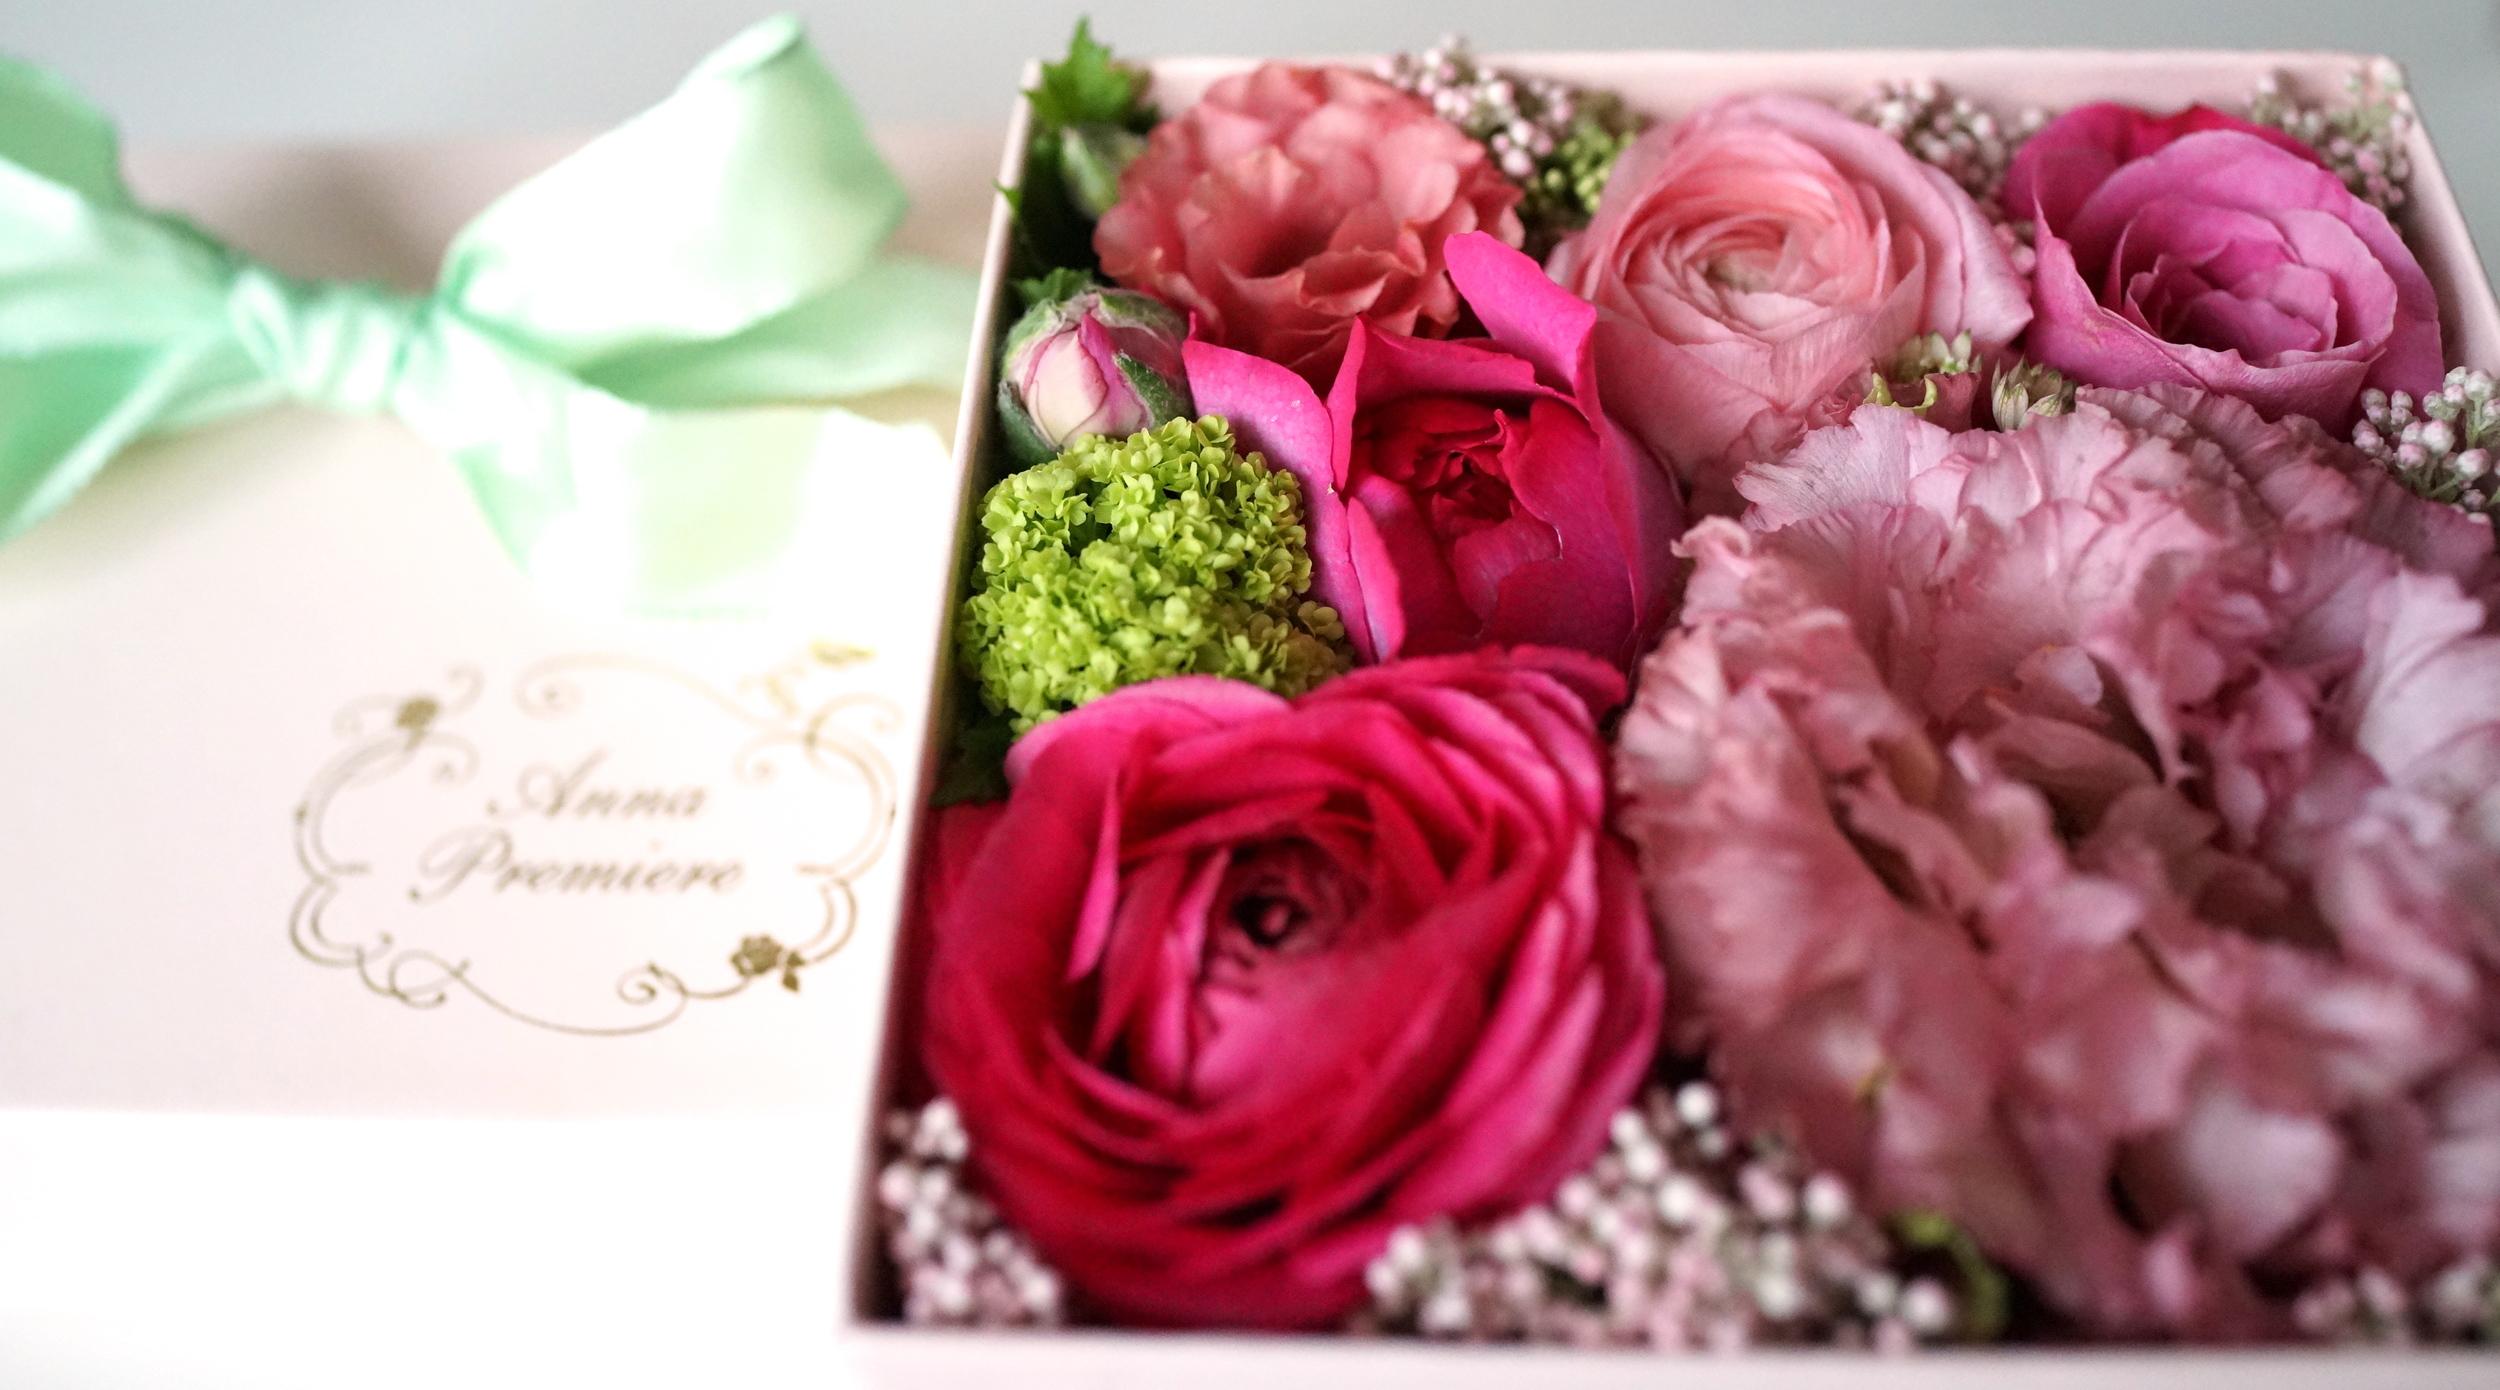 ※お花はその時期の仕入れによってお写真とは違うものになります。